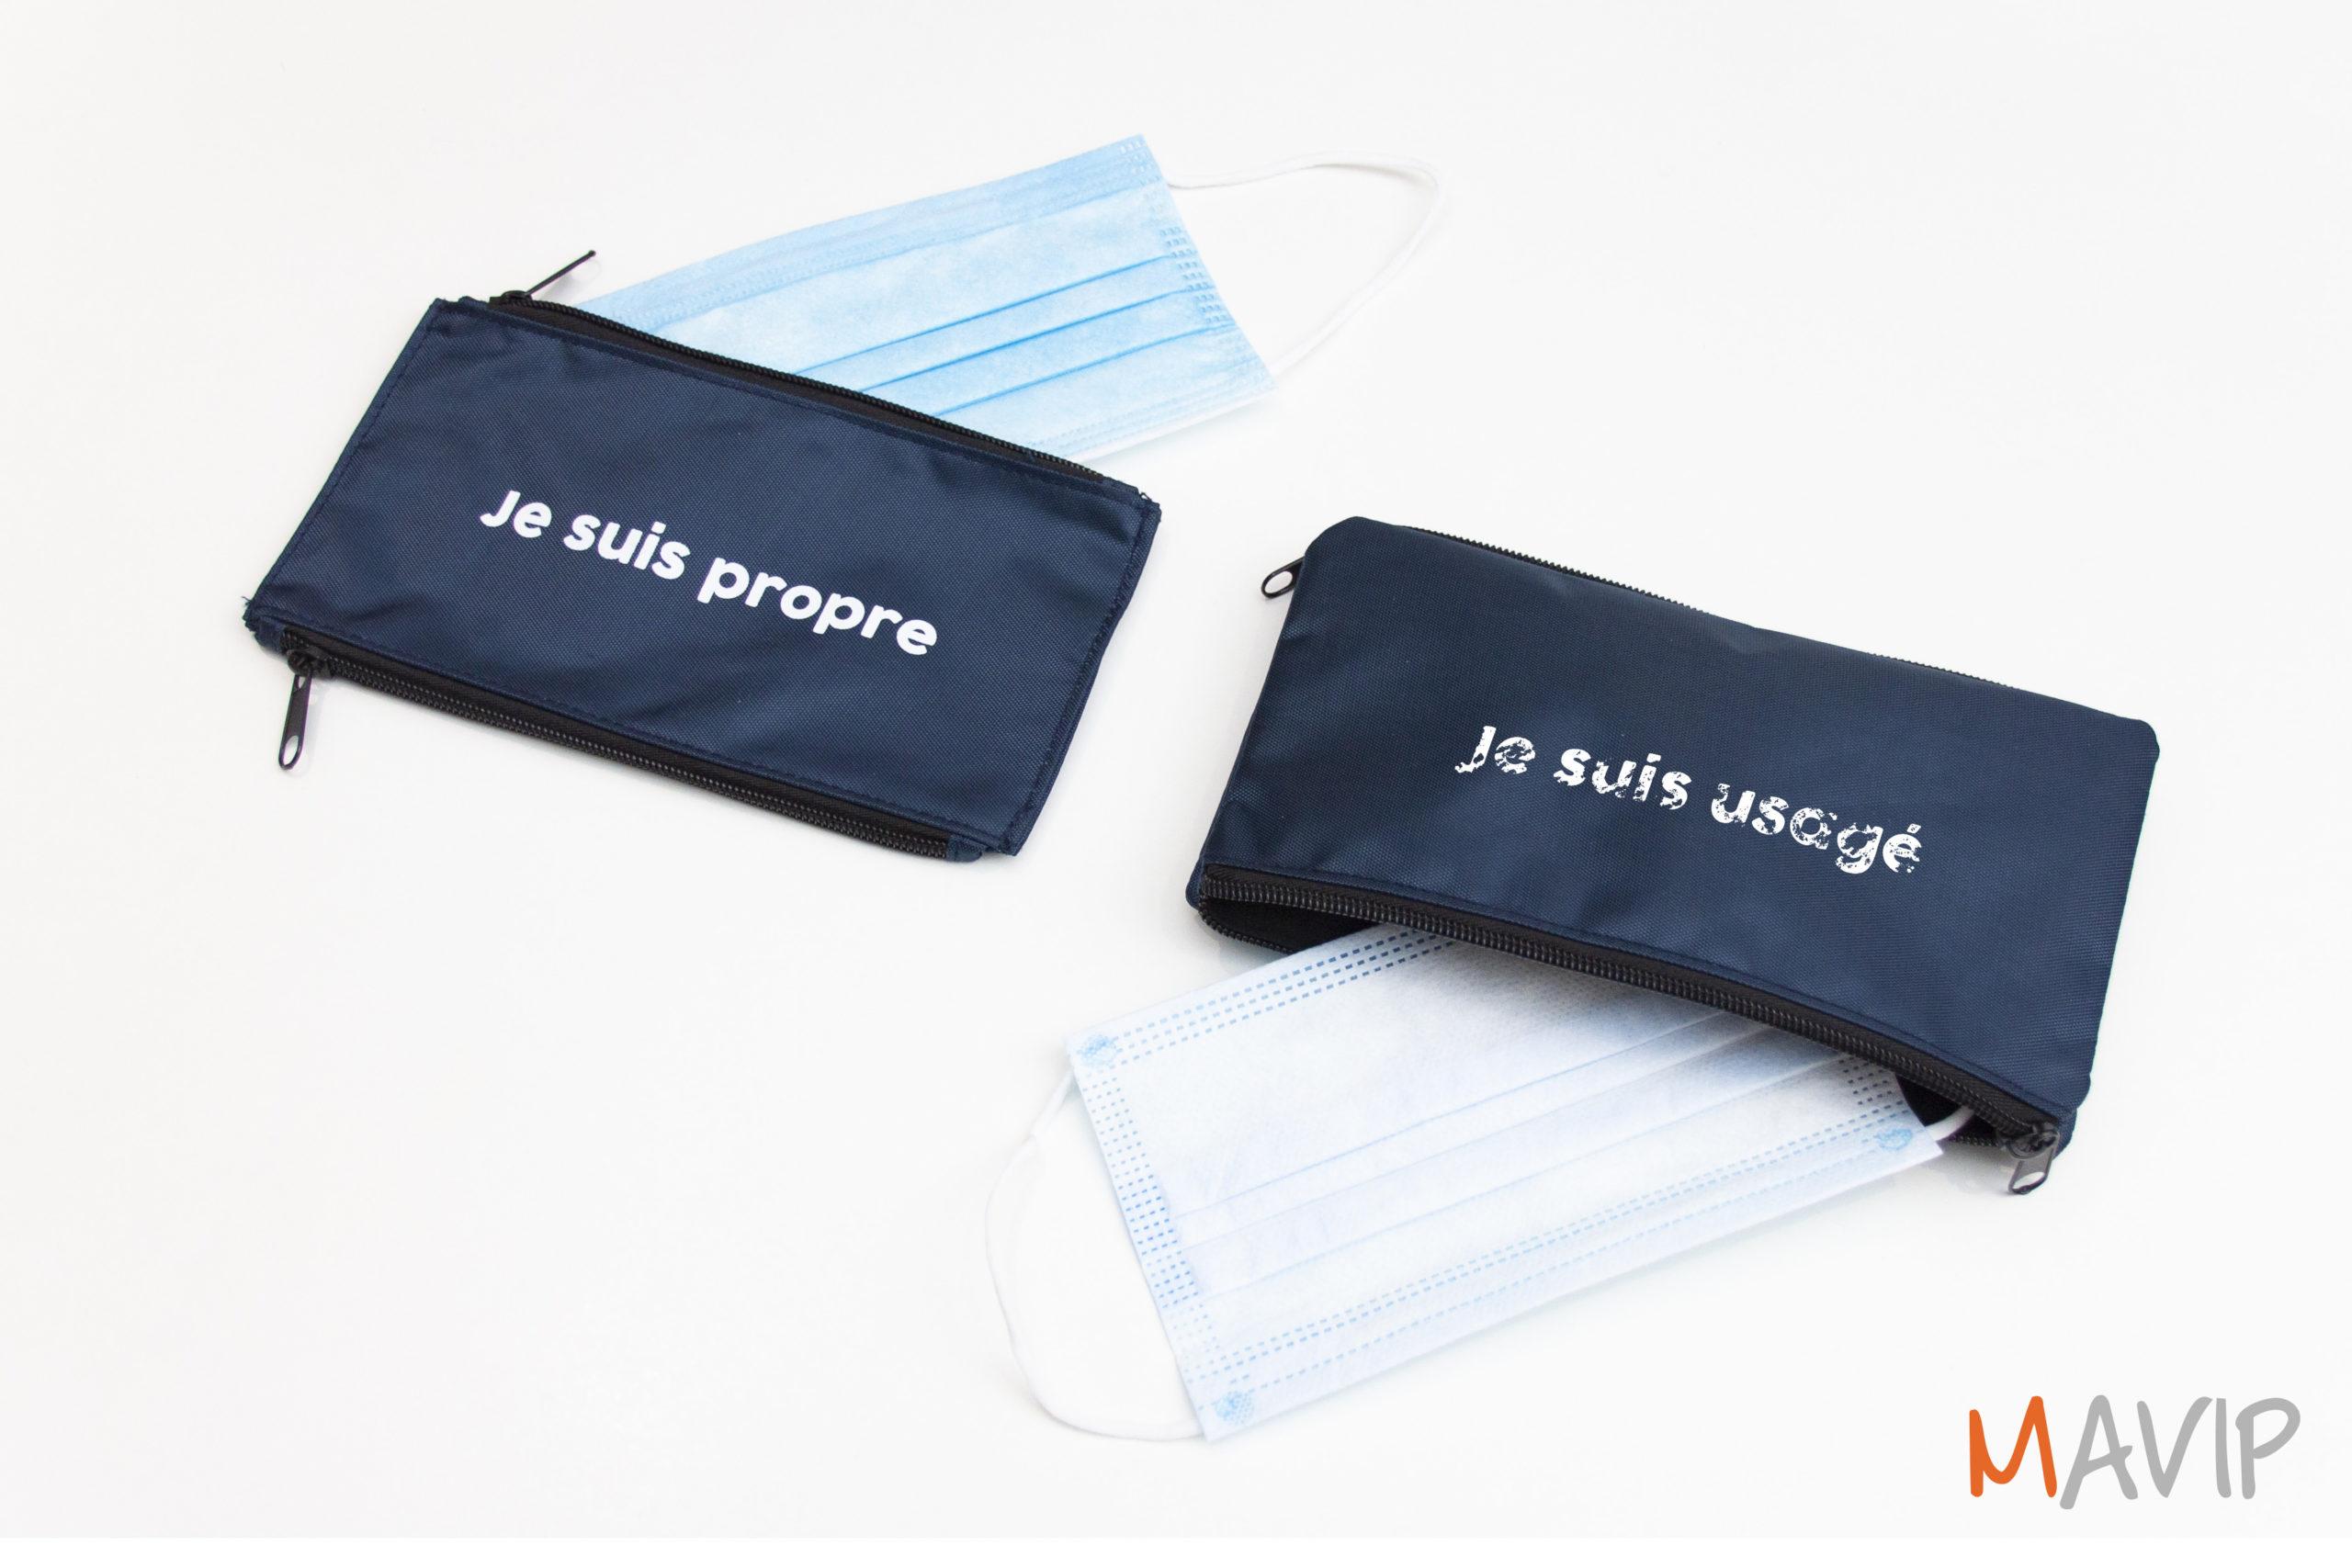 Trousse double poches pour transporter ses masques de protection contre les virus